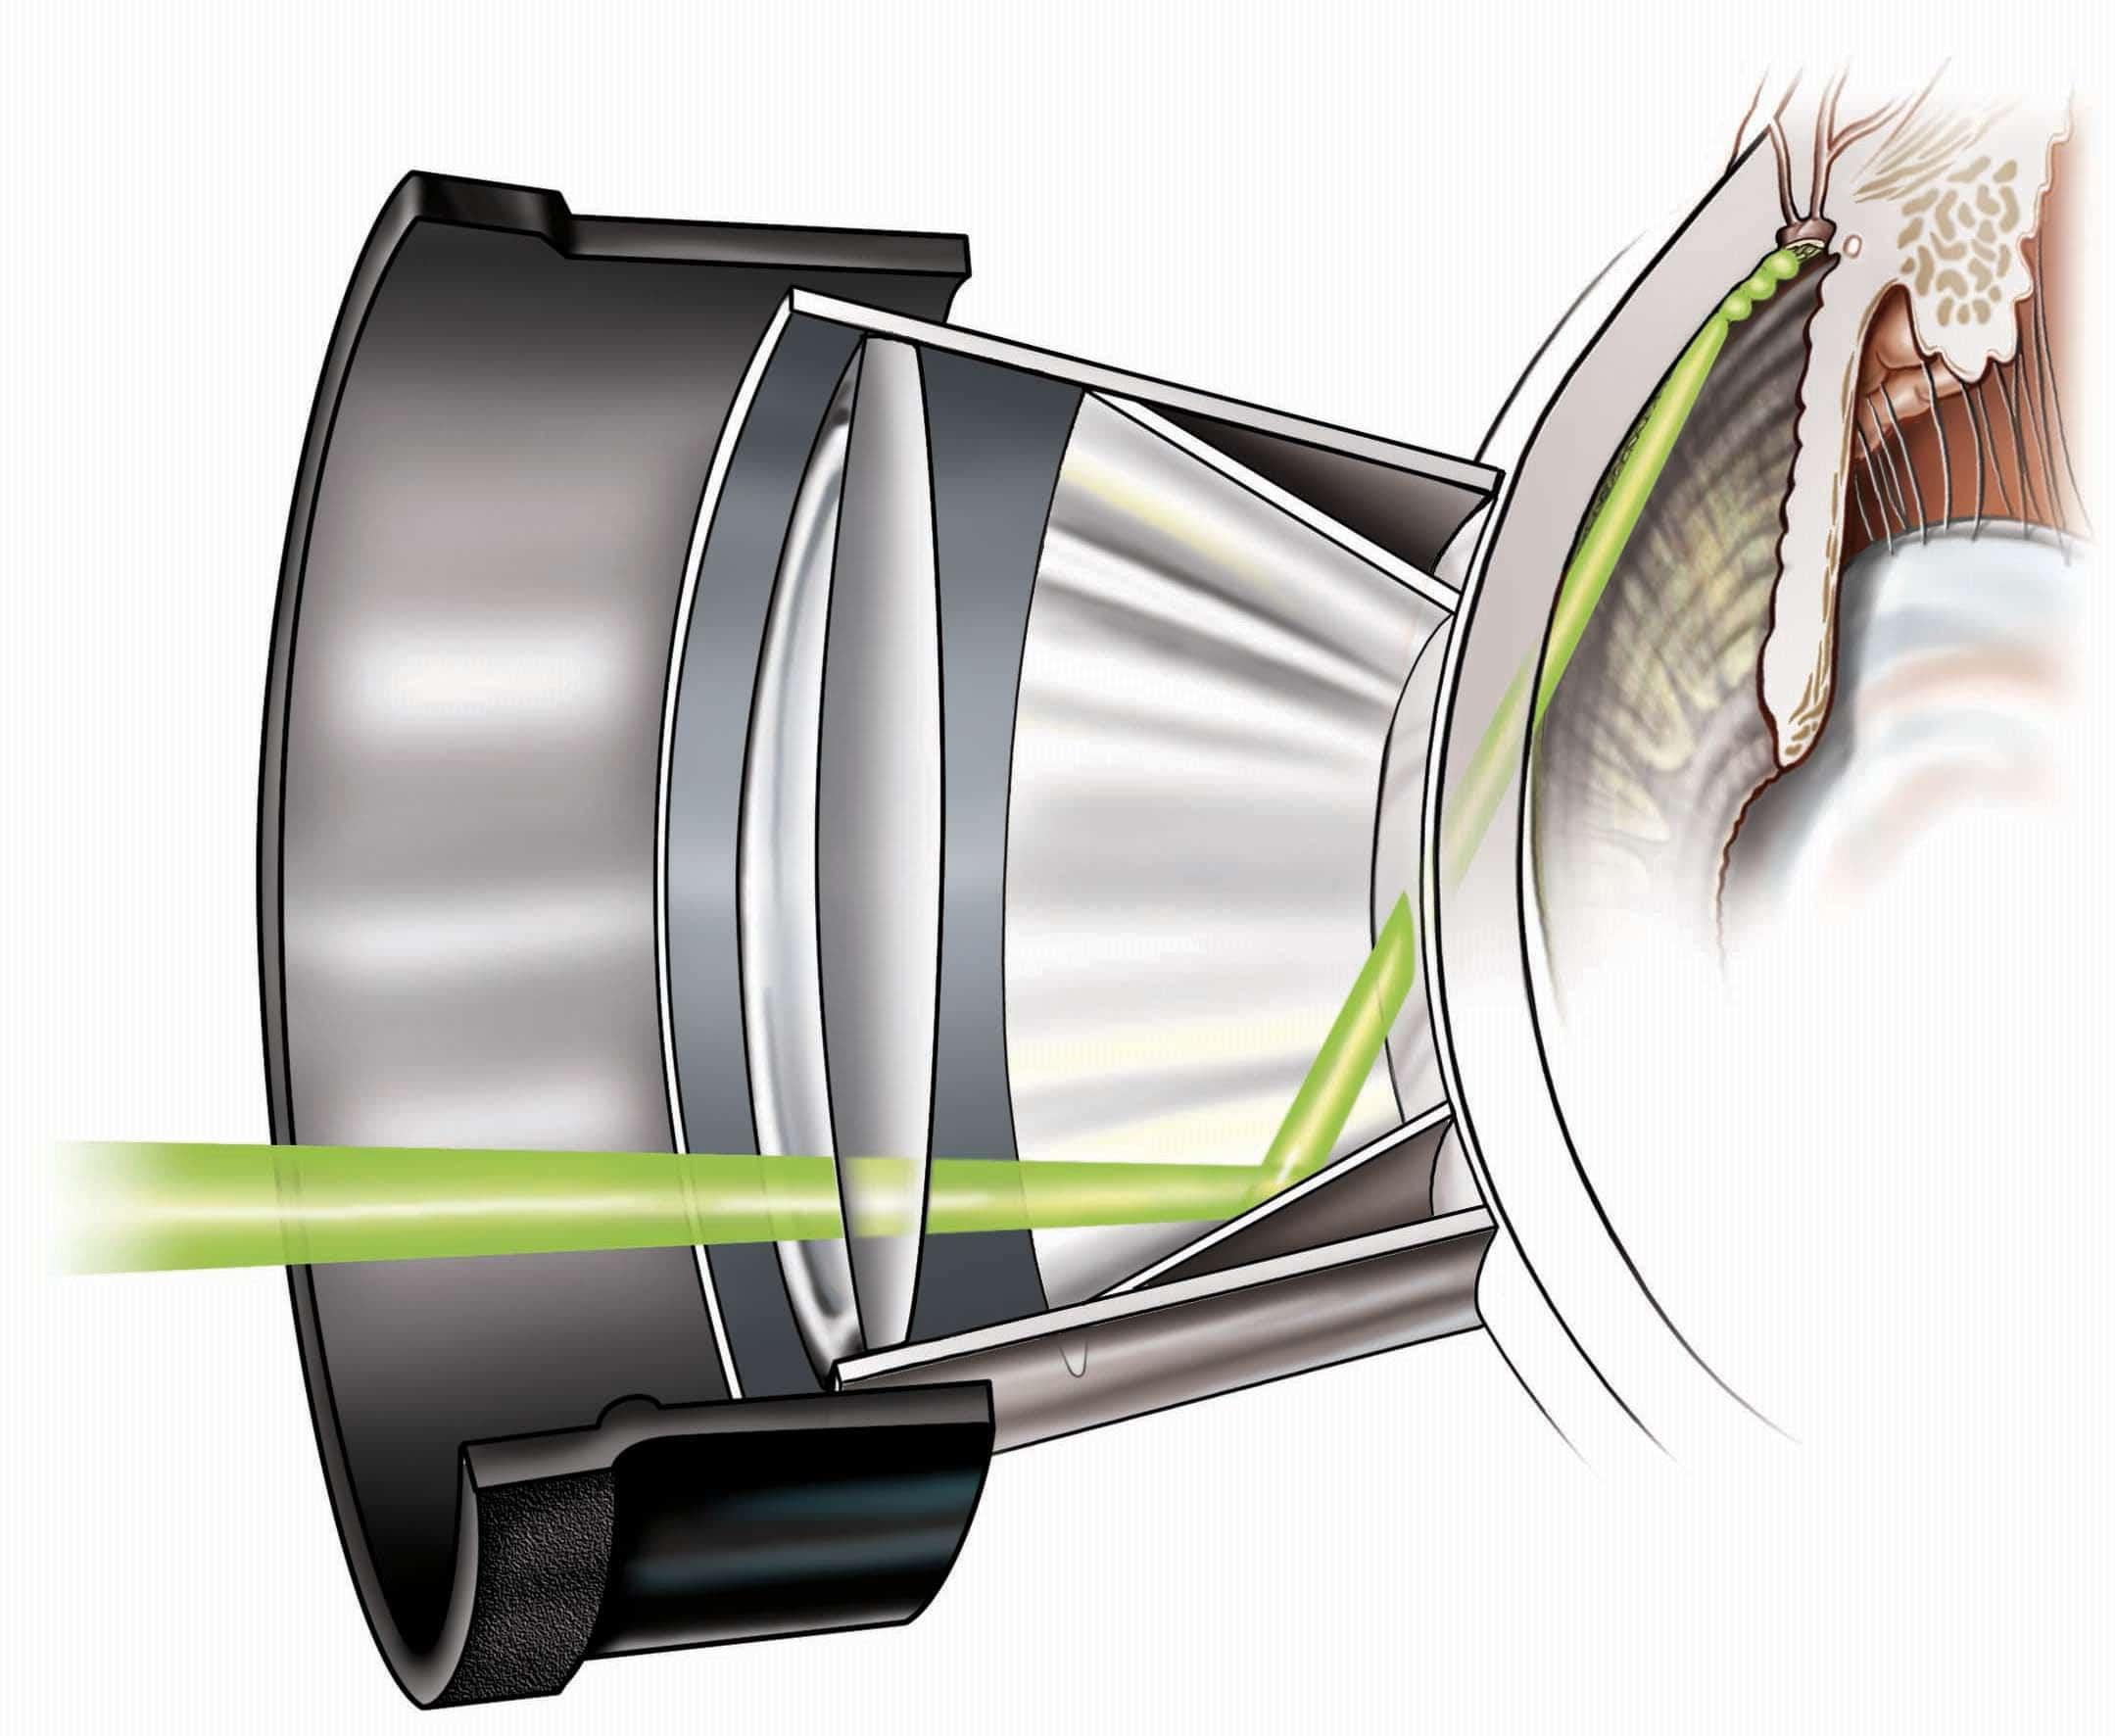 SLT Treatment illustration in IROC Zurich